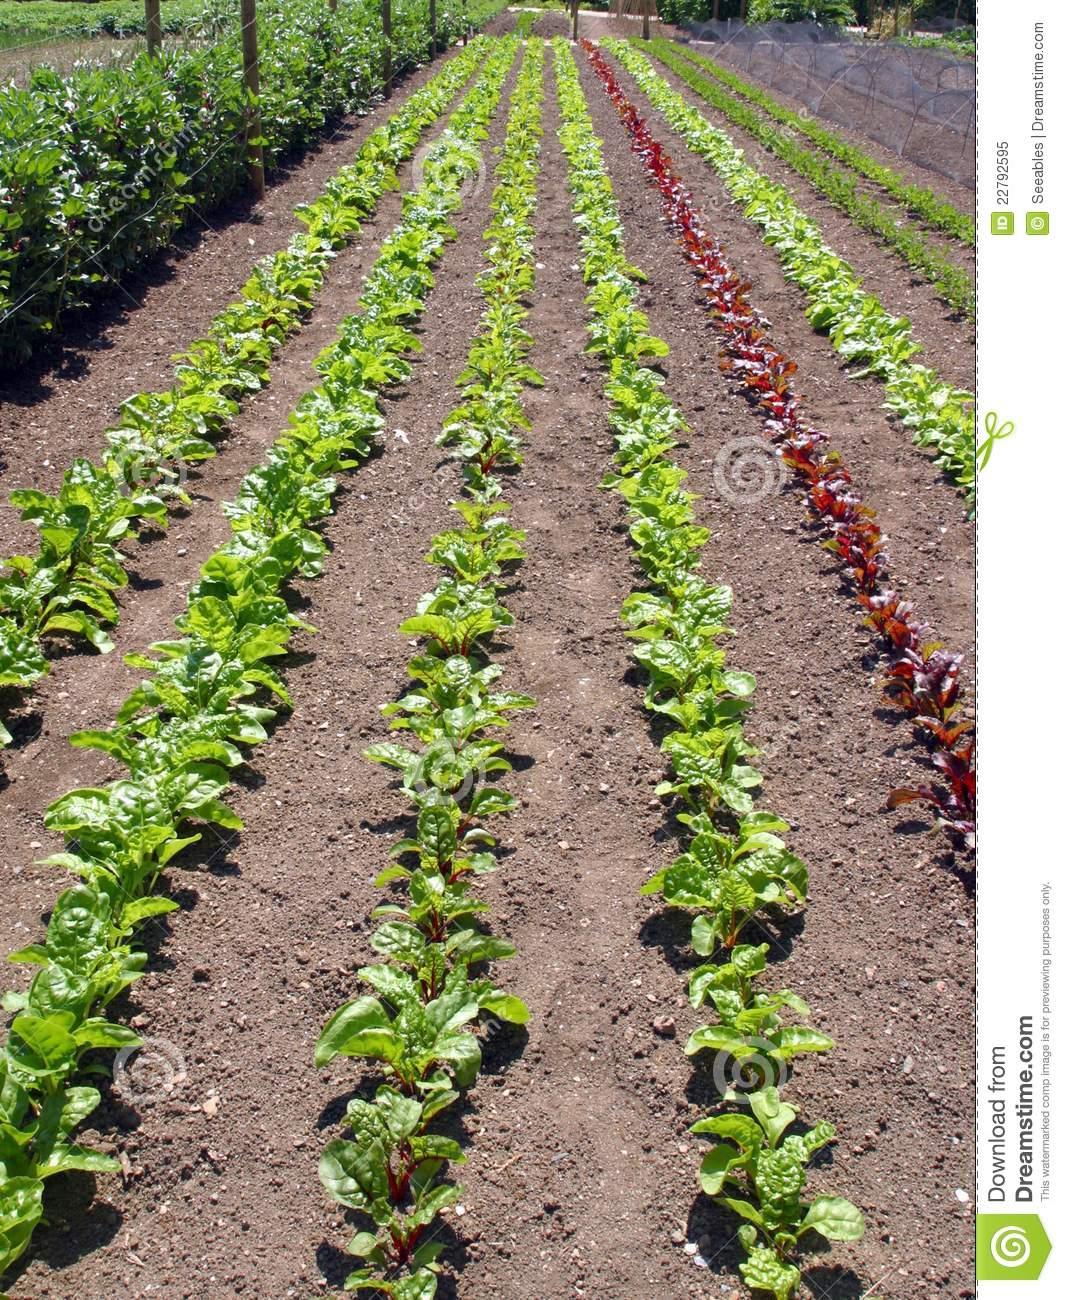 Garden row clipart image download Vegetable Garden Rows Clipart - Clipart Kid image download